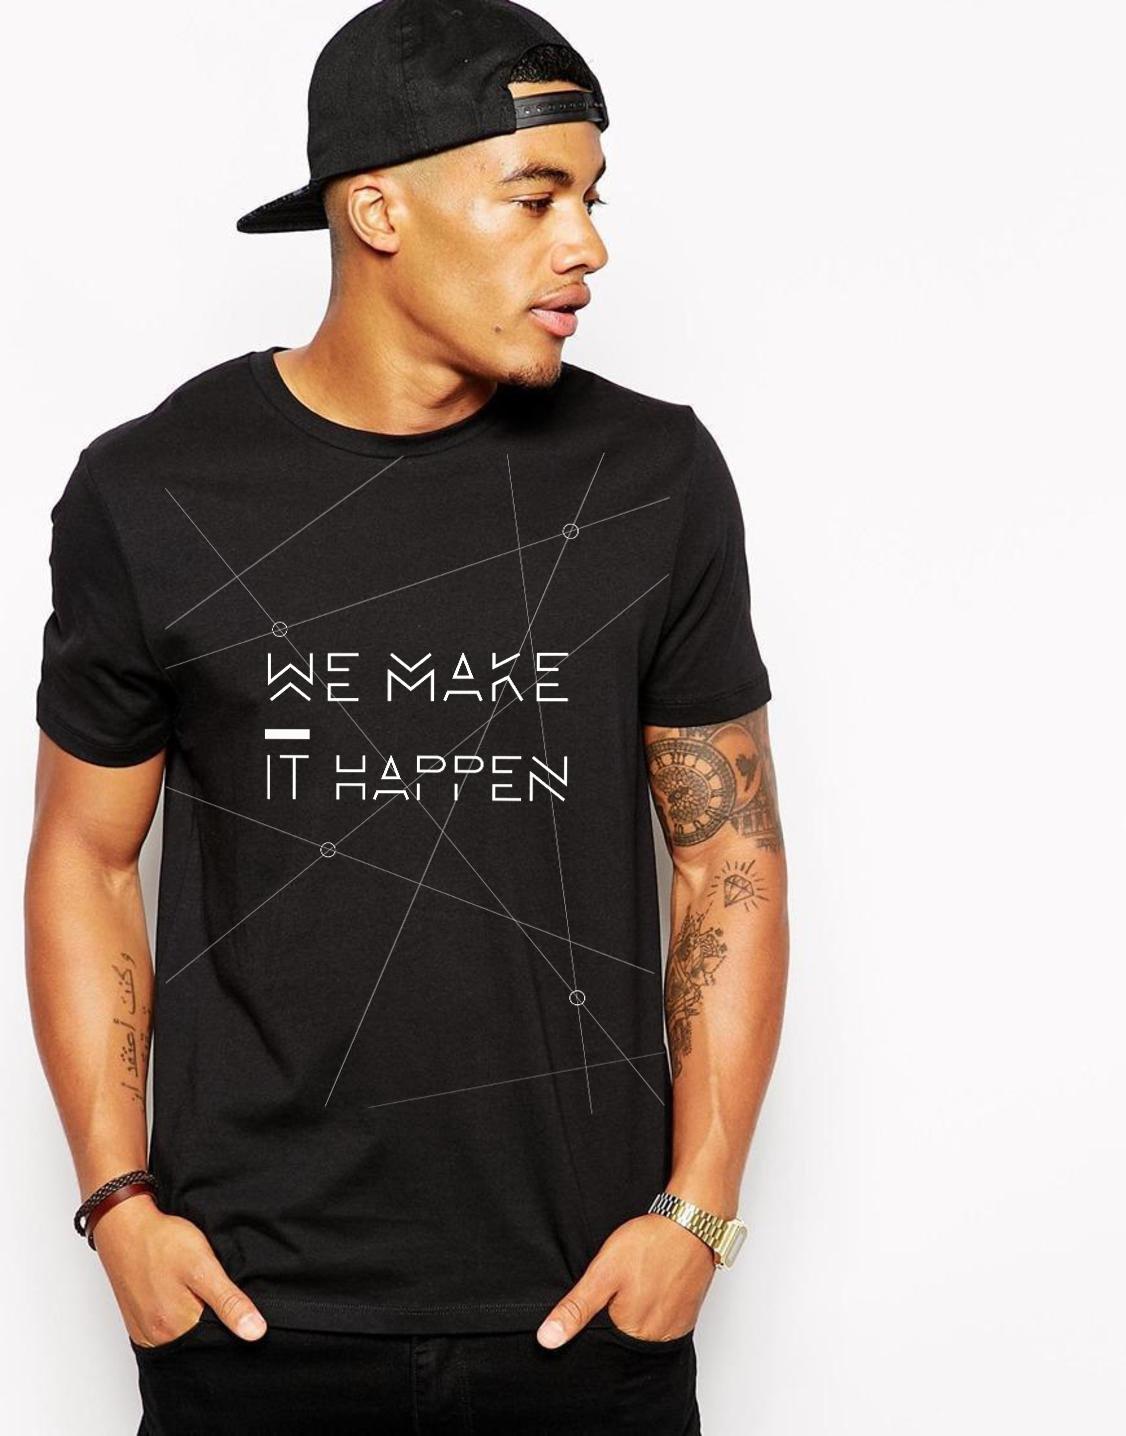 T shirt front mockup.jpg